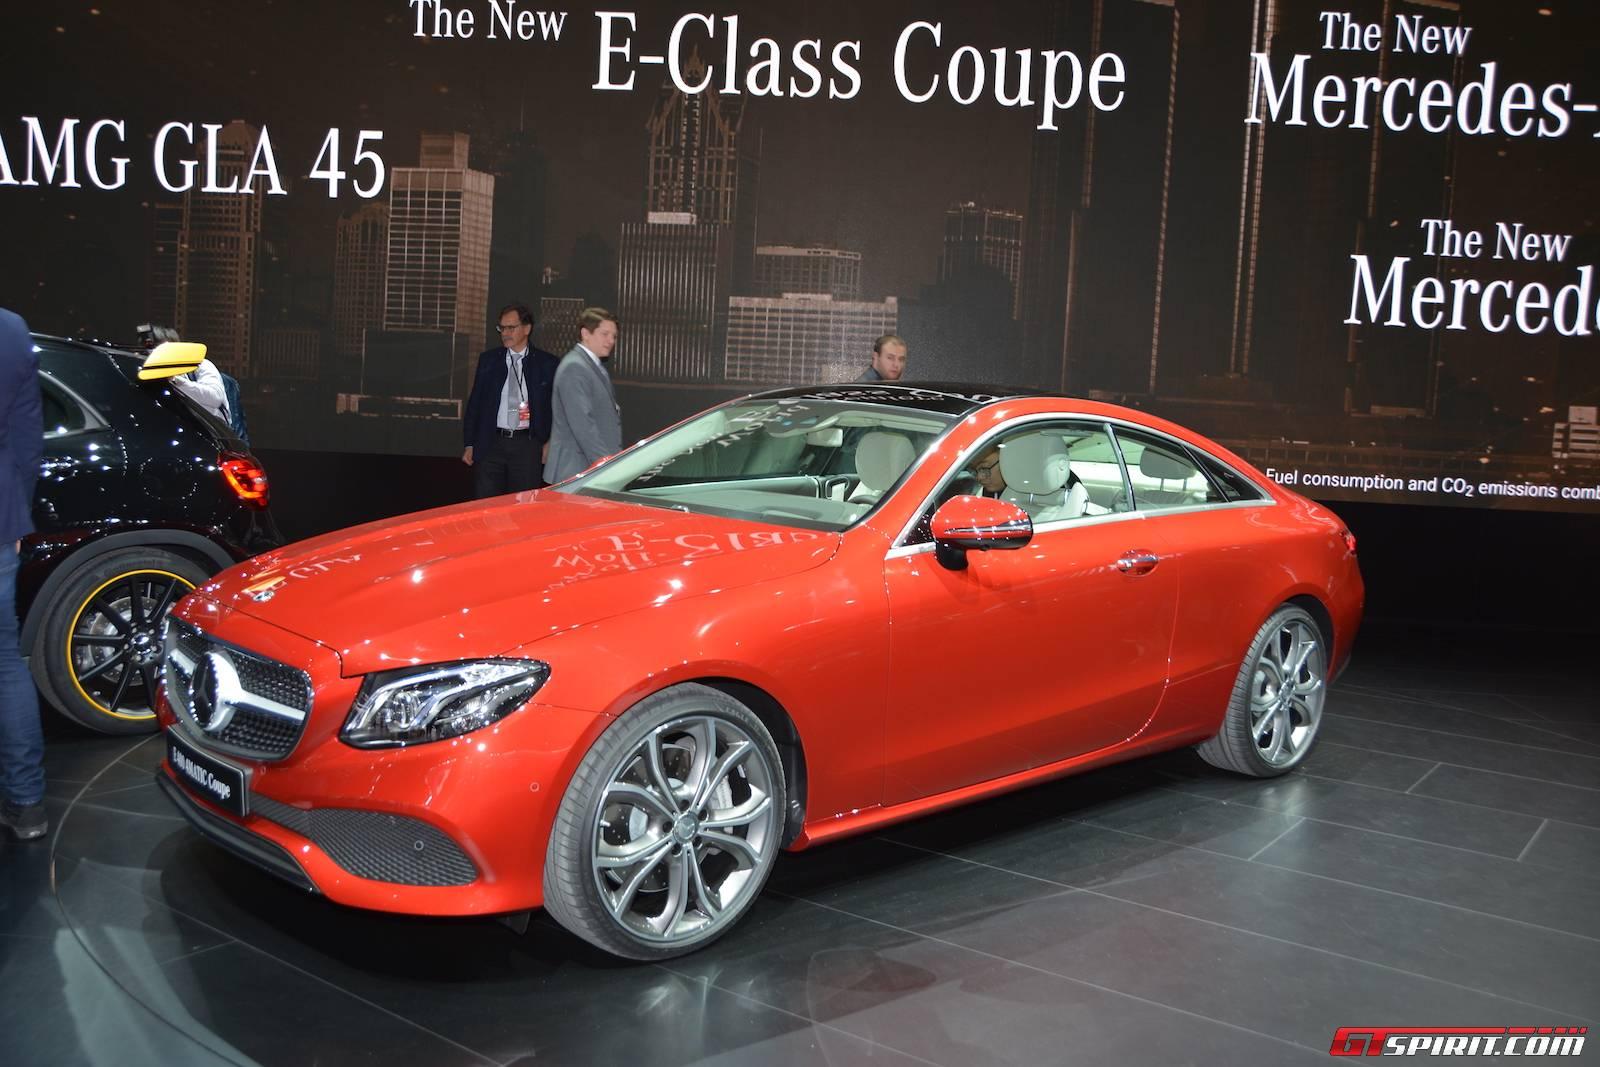 https://storage.googleapis.com/gtspirit/uploads/2017/01/Mercedes-Benz-E-Class-Coupe-6.jpg